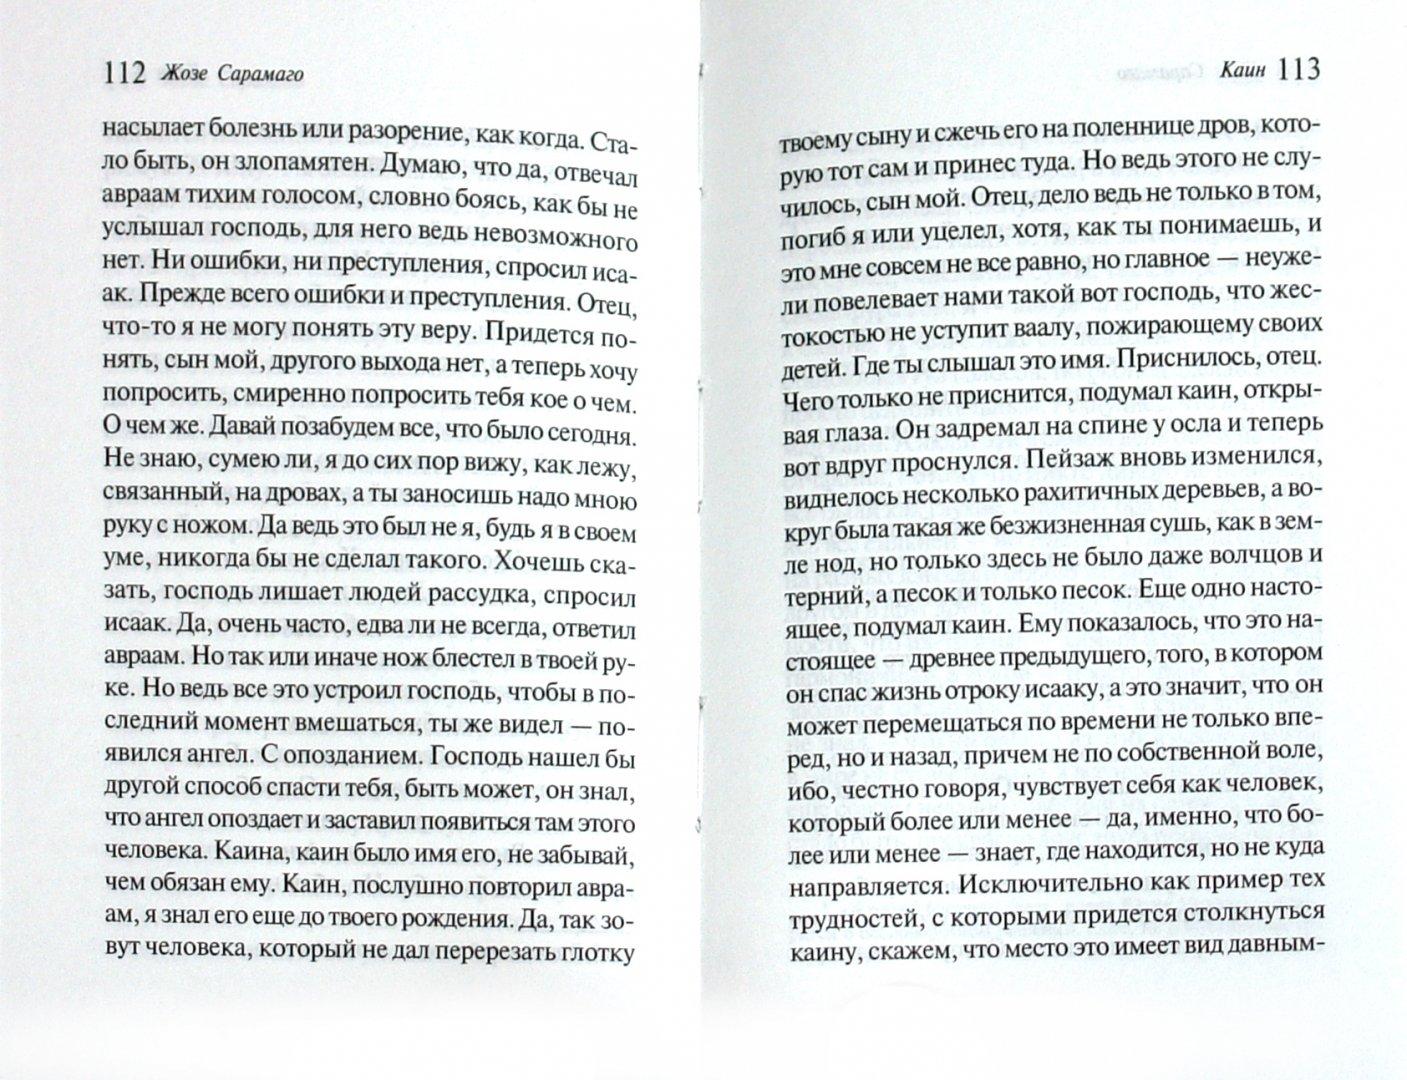 Иллюстрация 1 из 15 для Каин - Жозе Сарамаго | Лабиринт - книги. Источник: Лабиринт